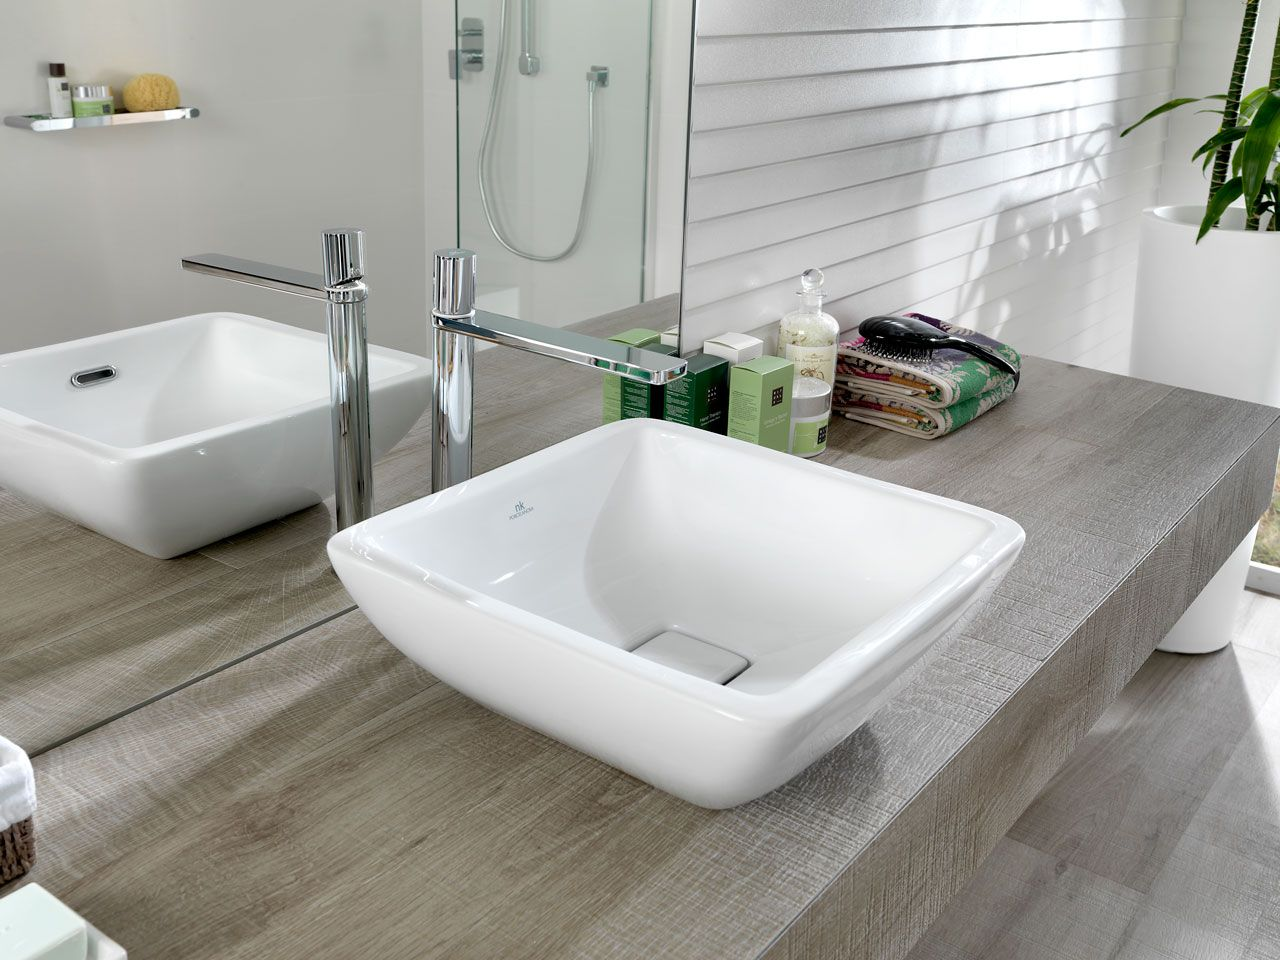 Lavabo Cuadrado Sobre Encimera Porcelanosa Ba O Peque O  ~ Lavabos De Diseño Sobre Encimera